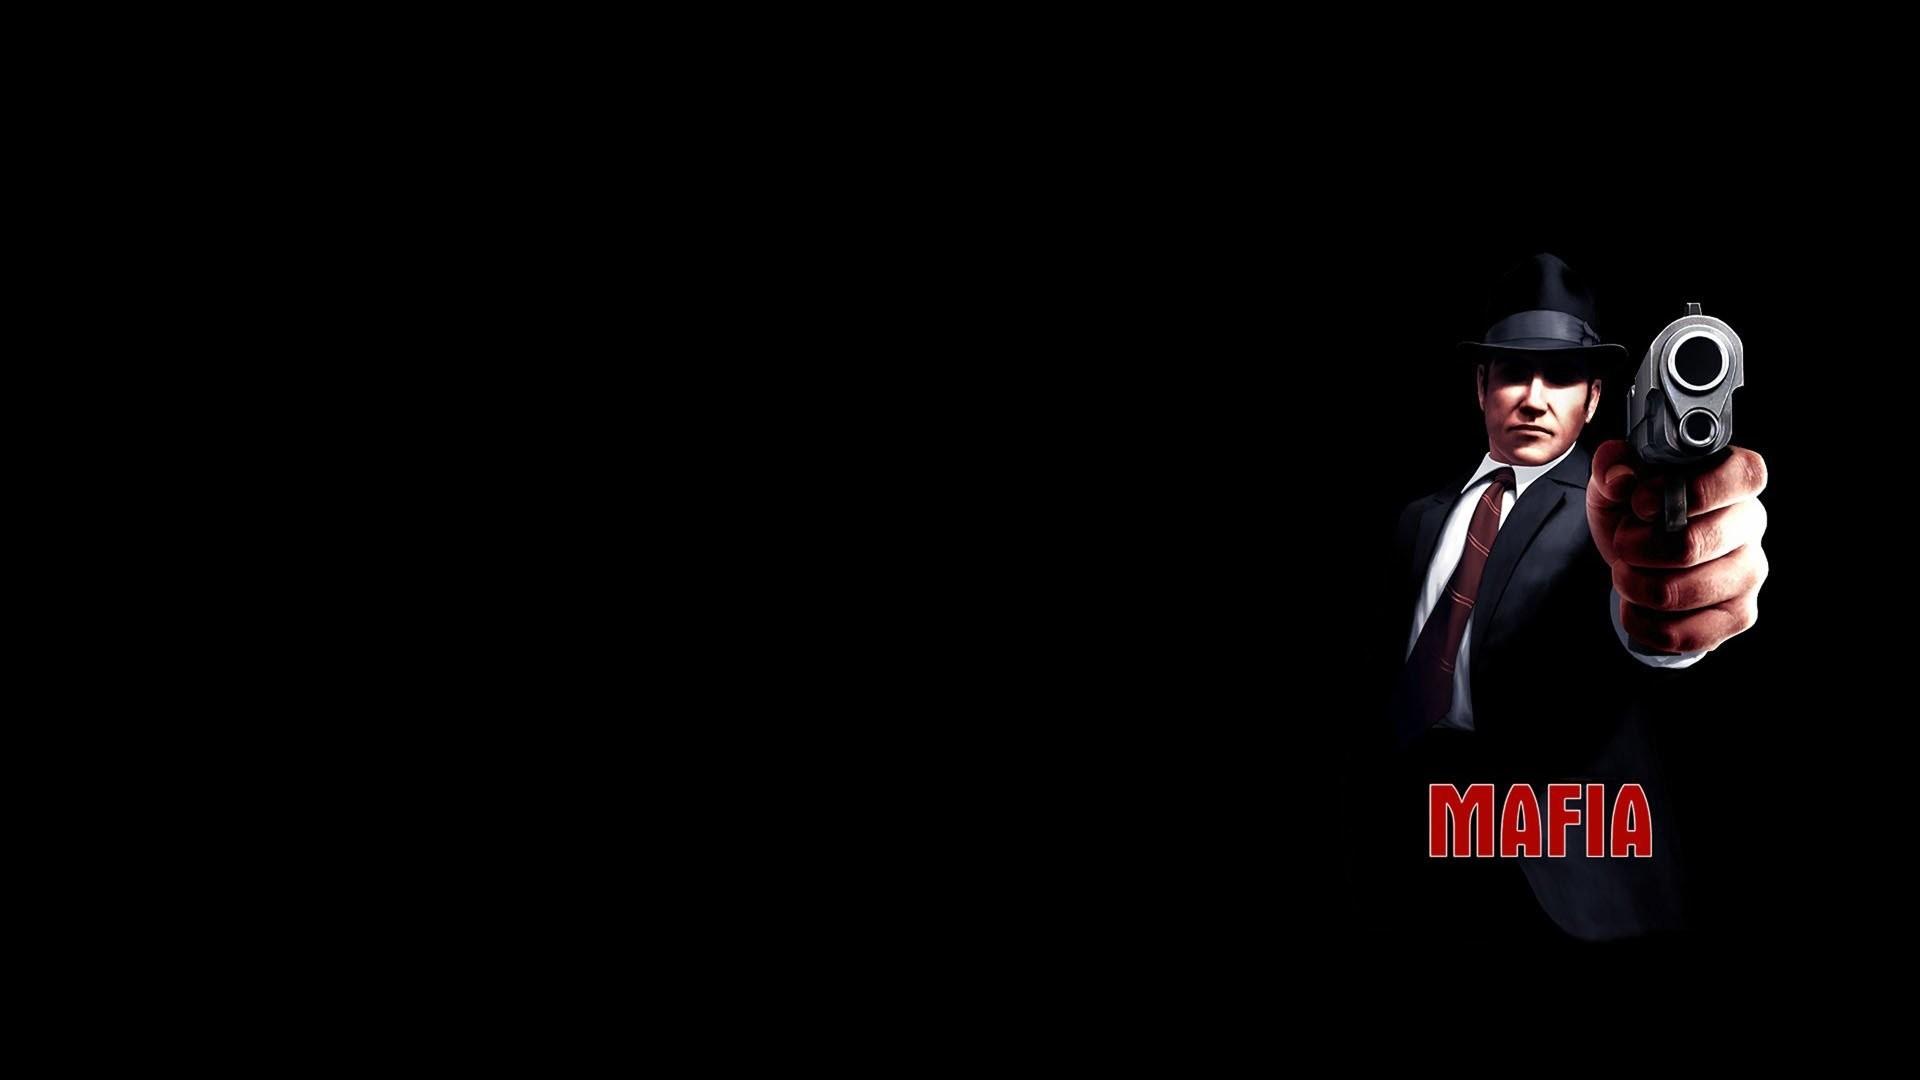 mafia the city of lost heaven dark a gangster gun